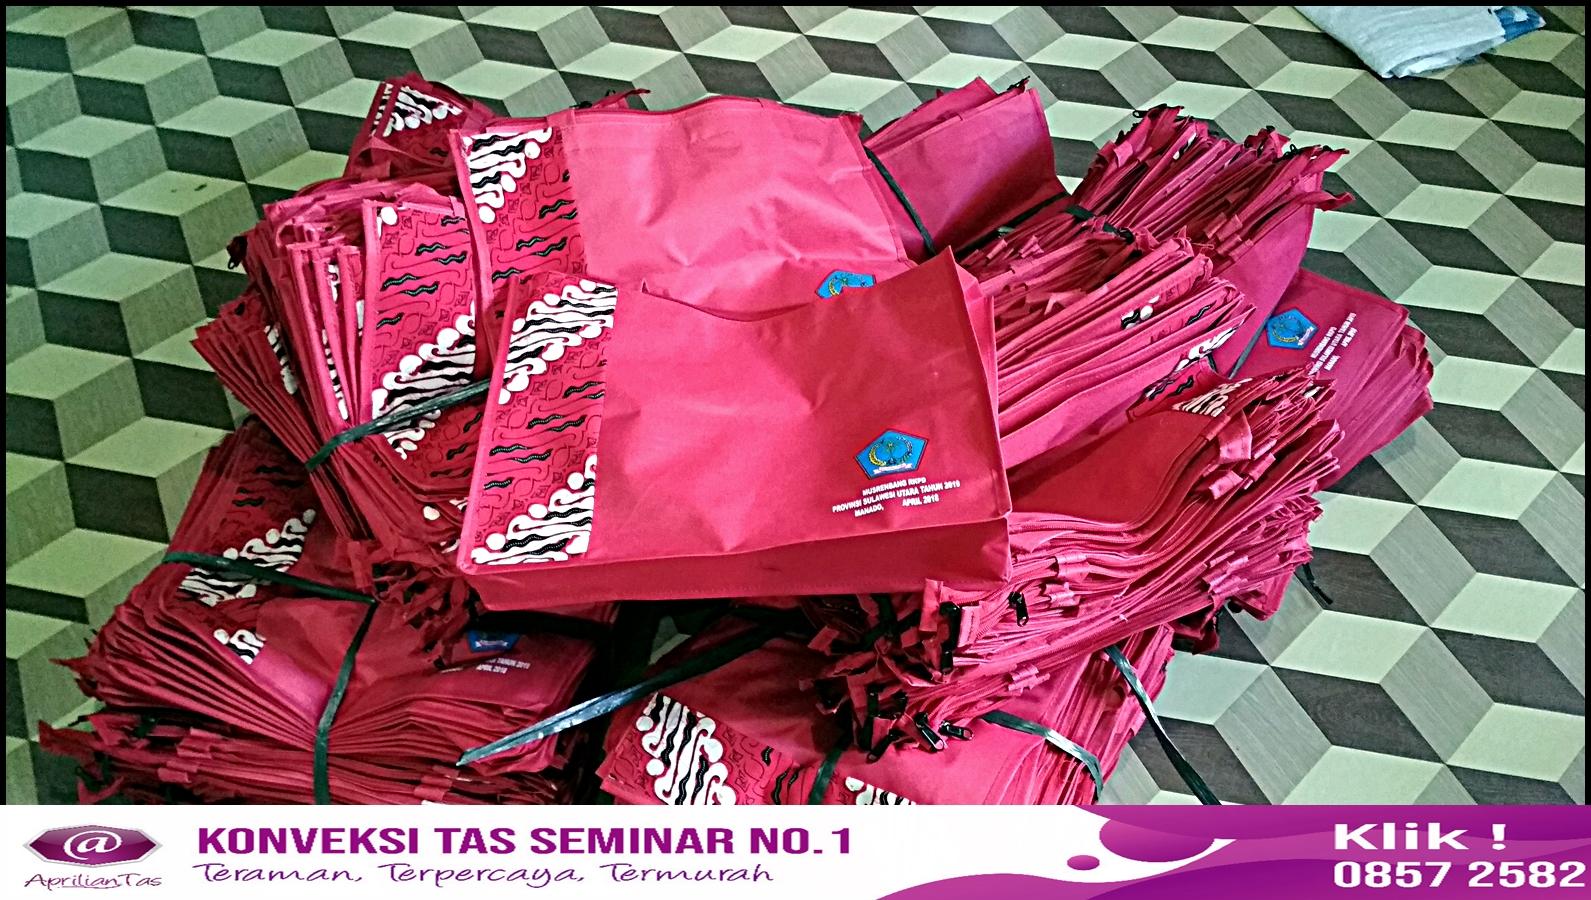 Pesan Tas Seminar Bandung Harga Irit di Jual Tas No 1 Pabrik tas seminar,seminar kit murah,seminar kit,konveksi tas ransel, konveksi tas tangerang,konveksi tas wanita,